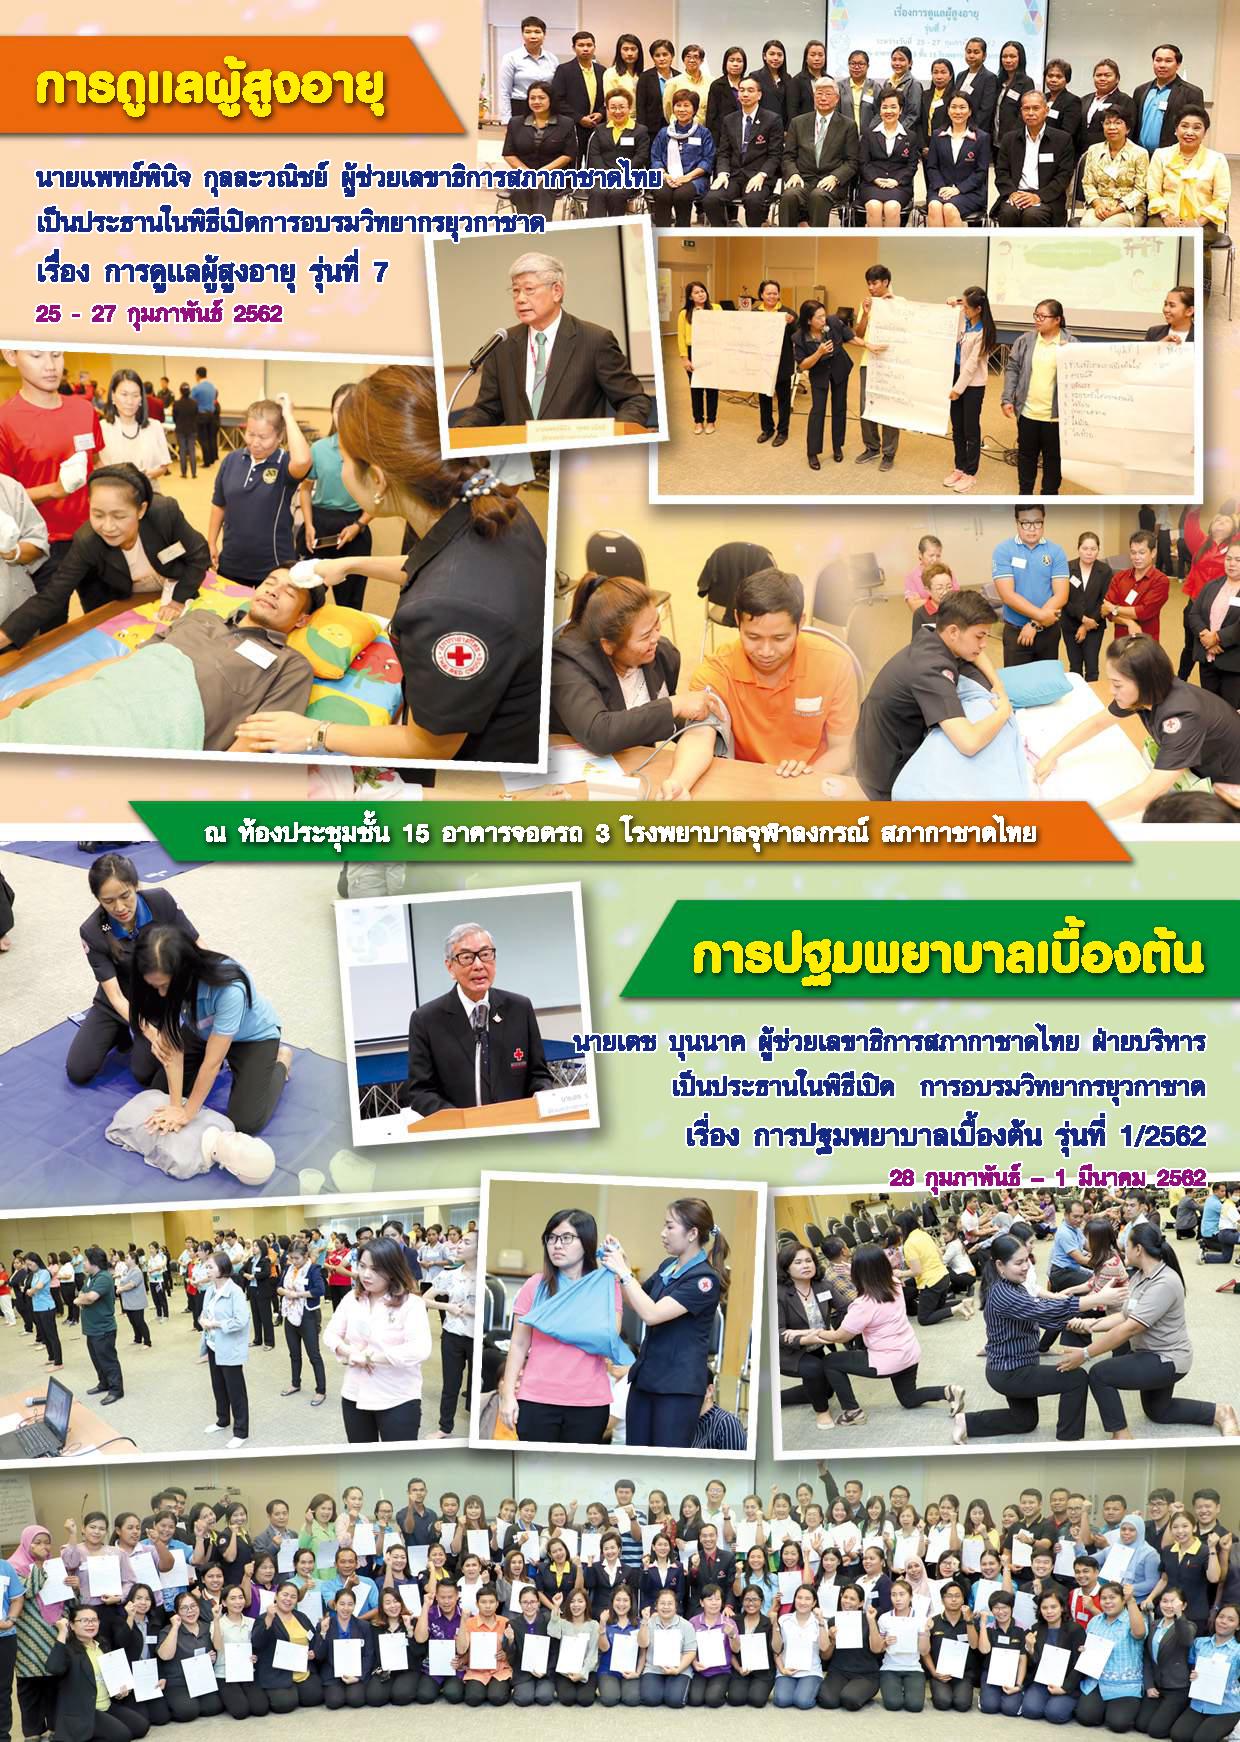 วารสาร-402-2562_Page_02